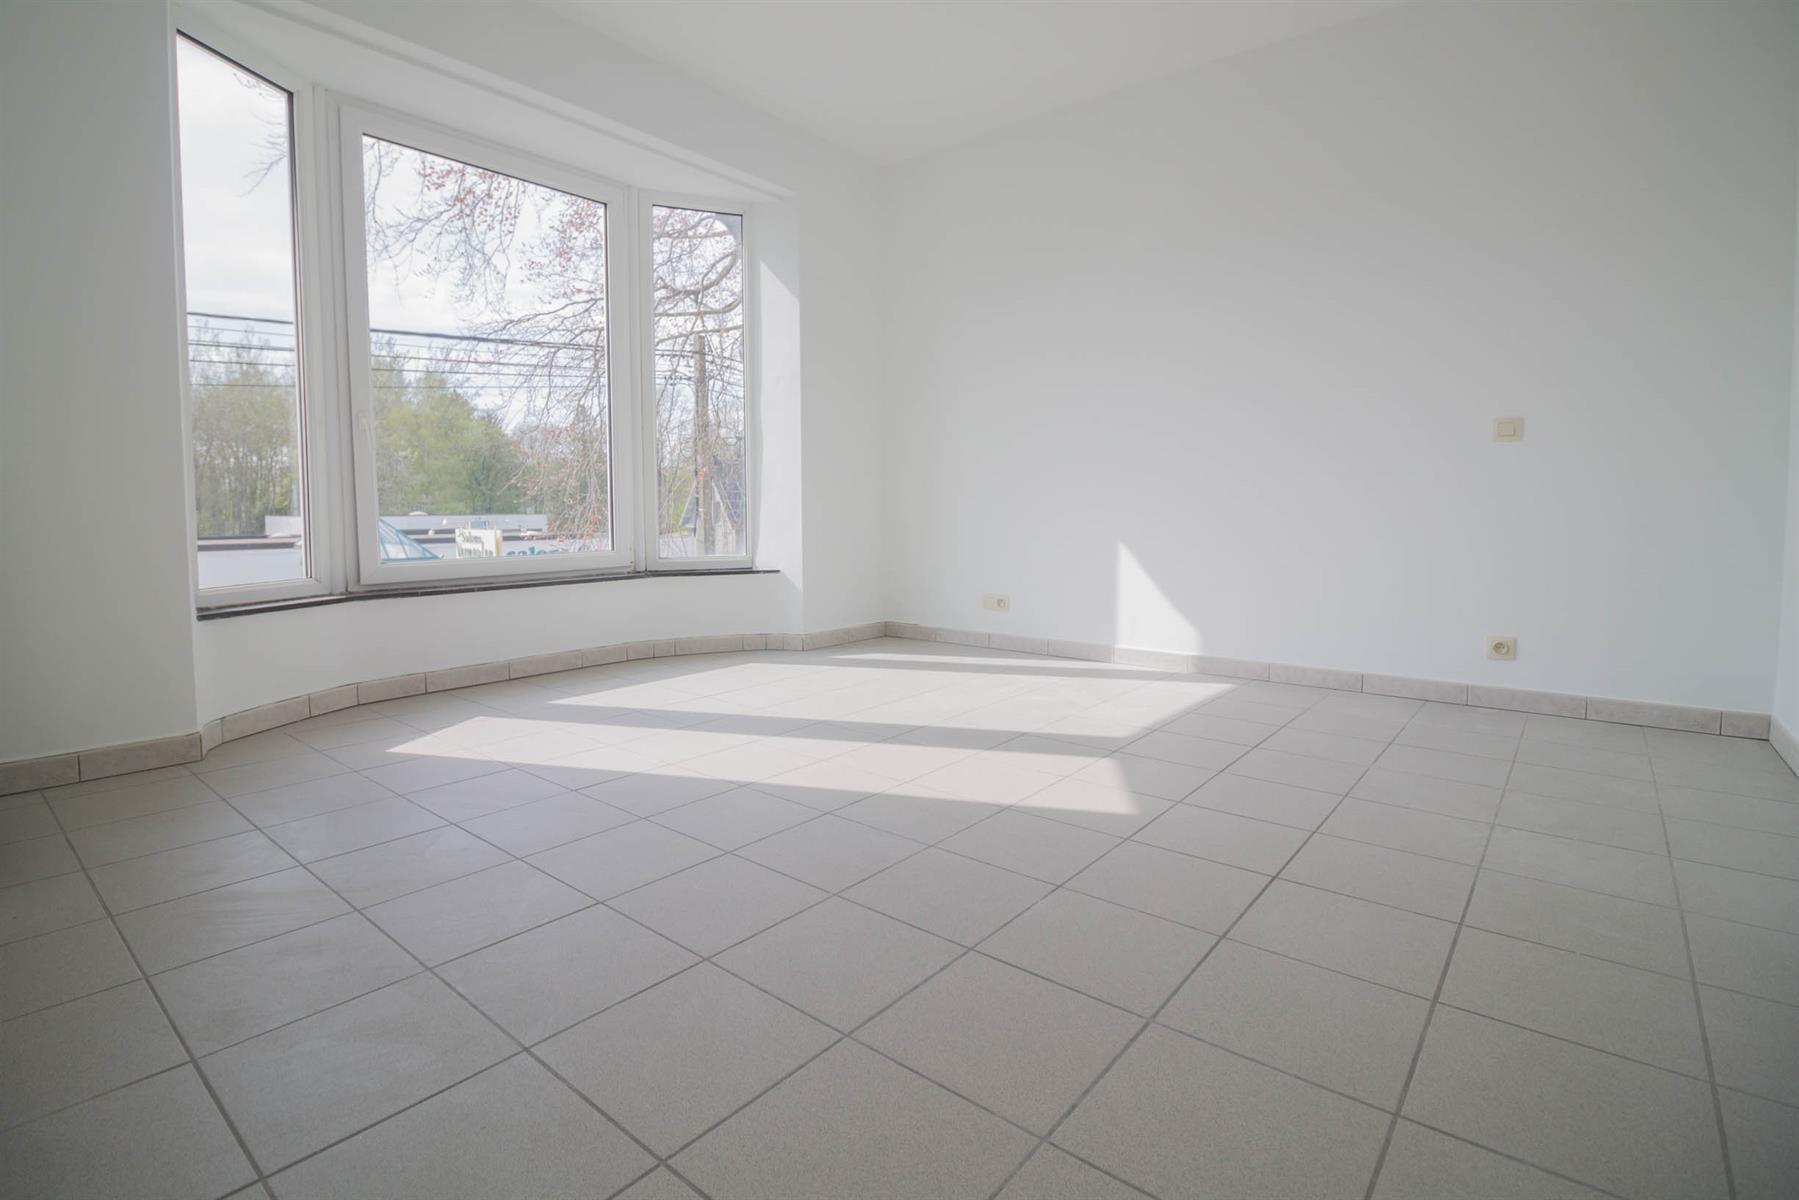 Appartement - Montigny-le-Tilleul - #4349715-7